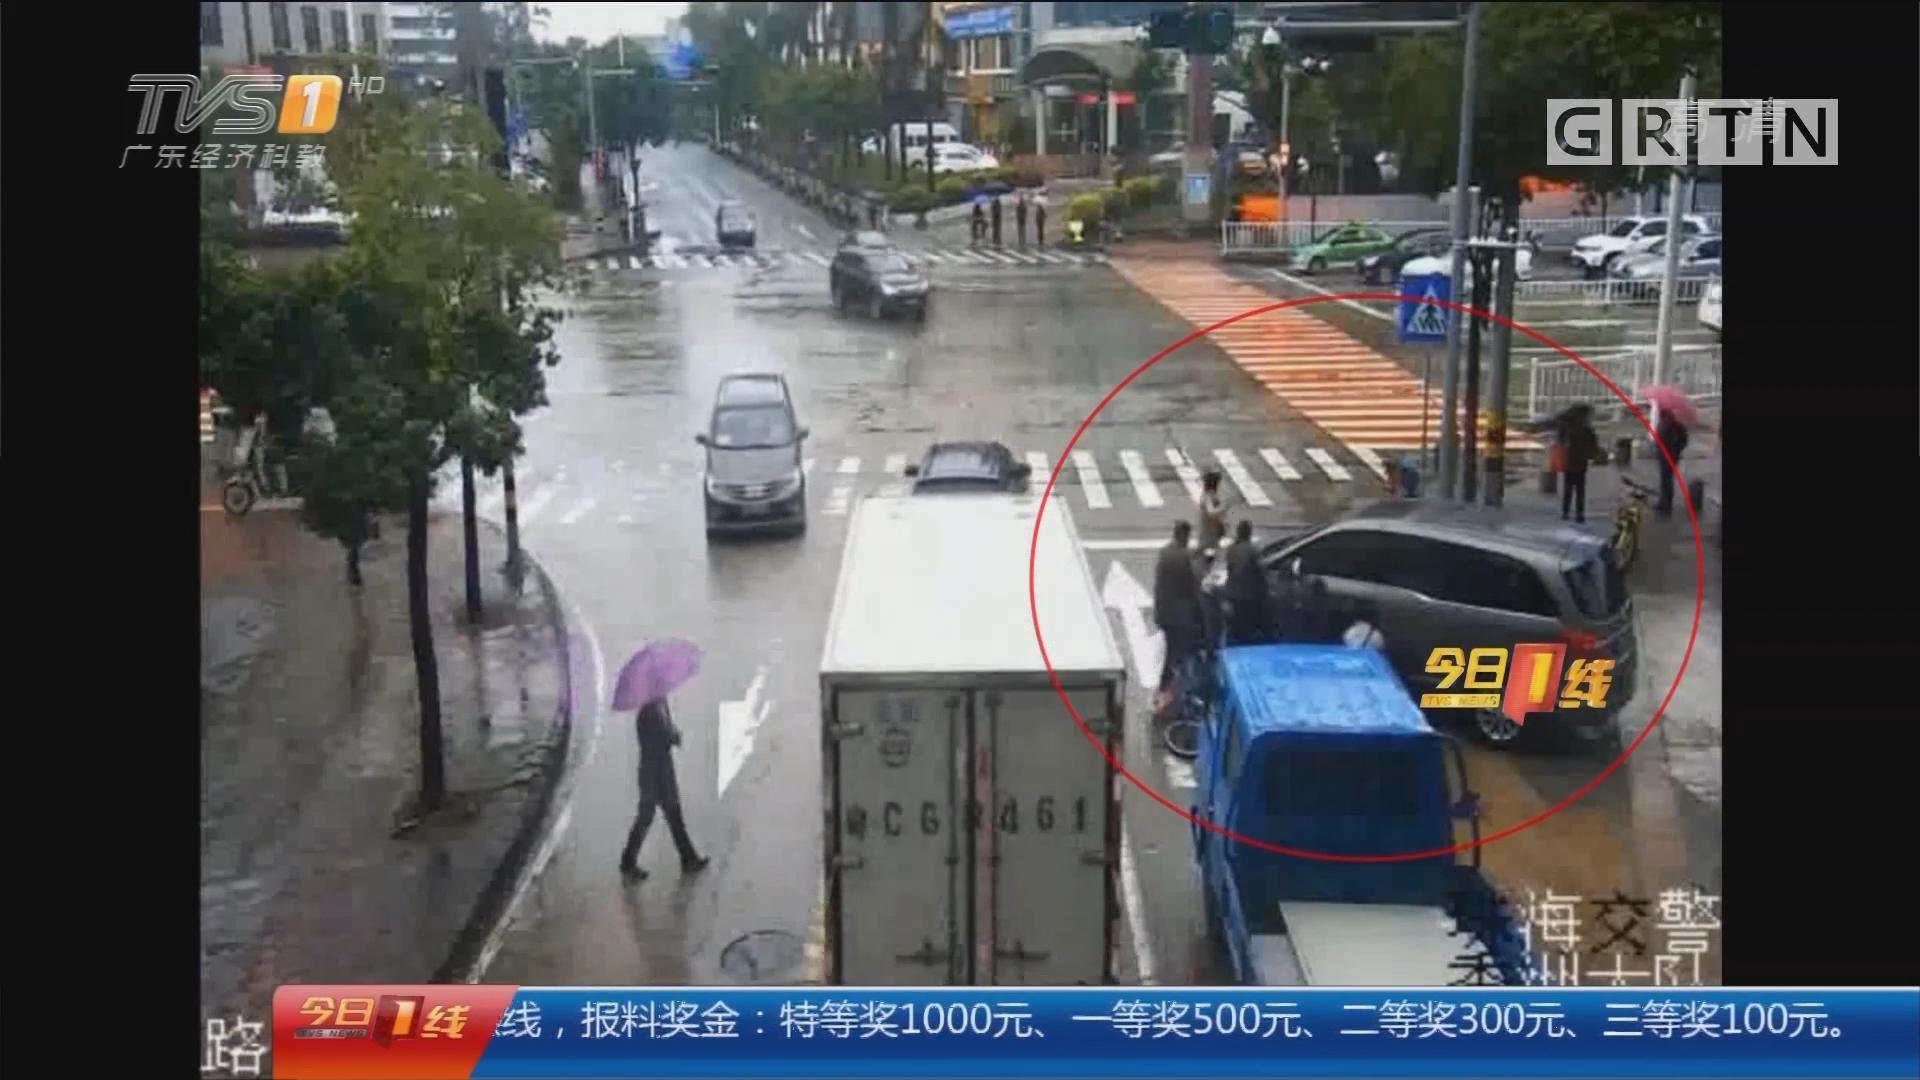 """系列专栏""""温度"""":珠海 老人被撞卷车底 路人合力抬车救人"""